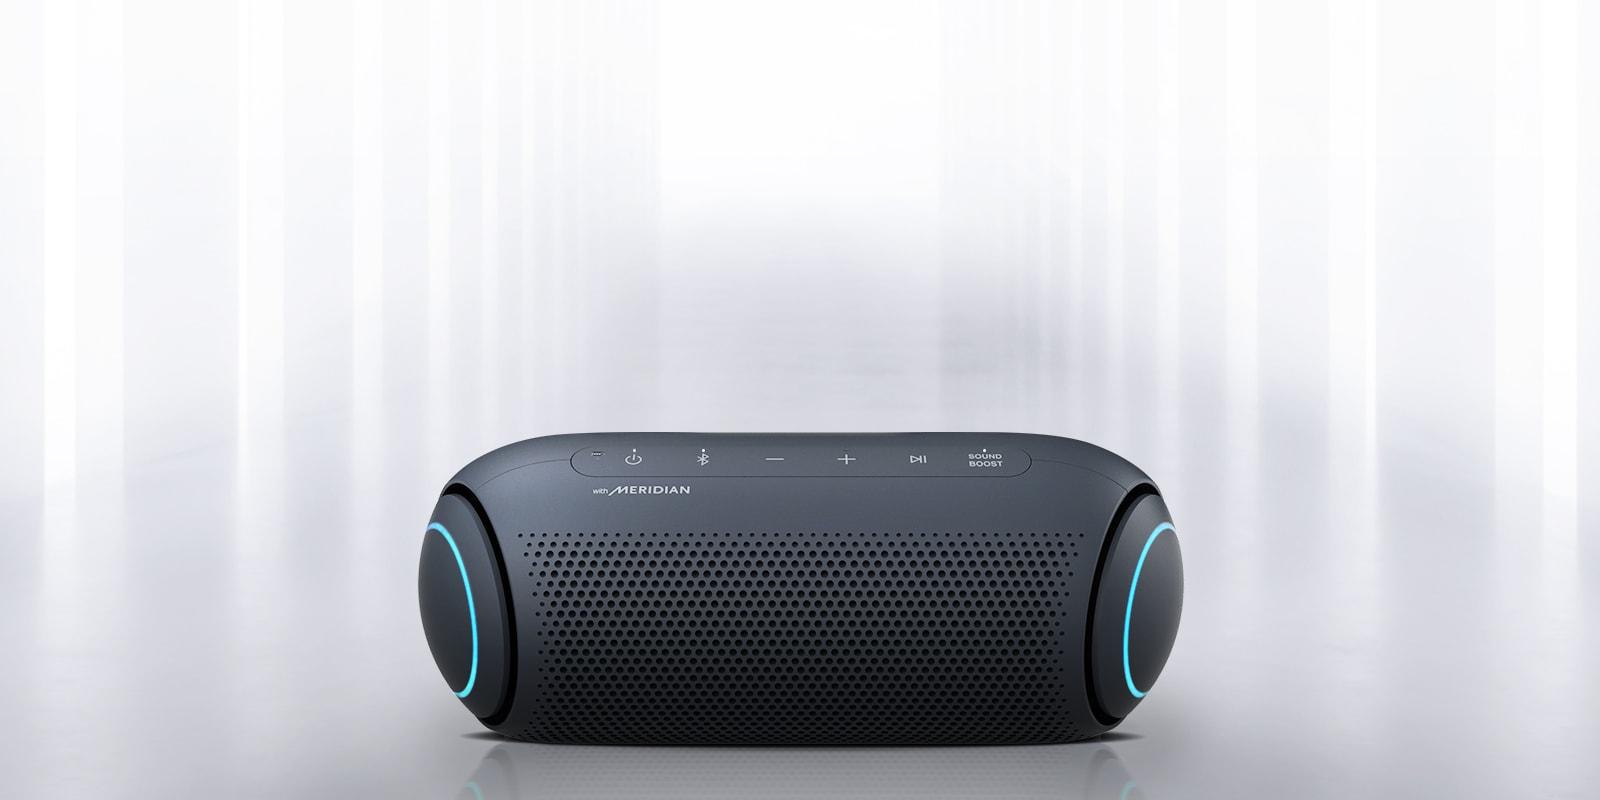 Vidljivo je svjetlo koje sjaji iz okruženja i s prednje strane zvučnika XBOOM Go plavo osvjetljenje na svakom kraju.